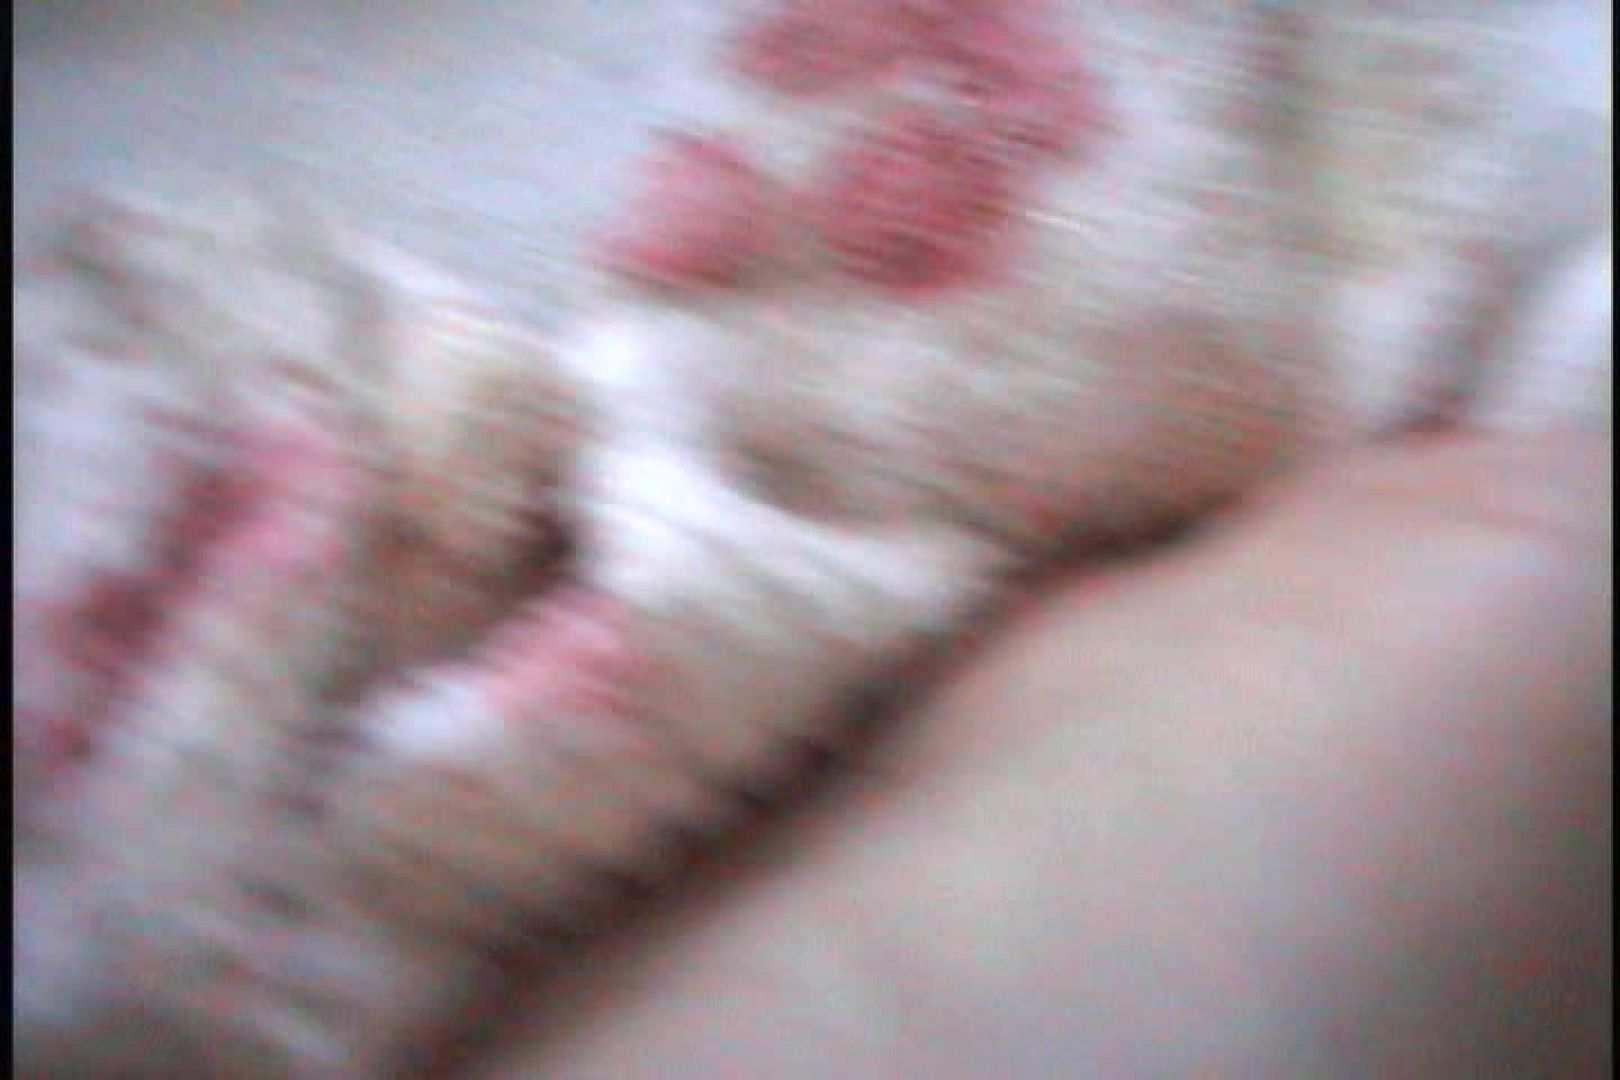 いっくんの調教! 18歳変態レズっ子えこちゃんシリーズVol.6 レズ特集 エロ無料画像 79pic 19